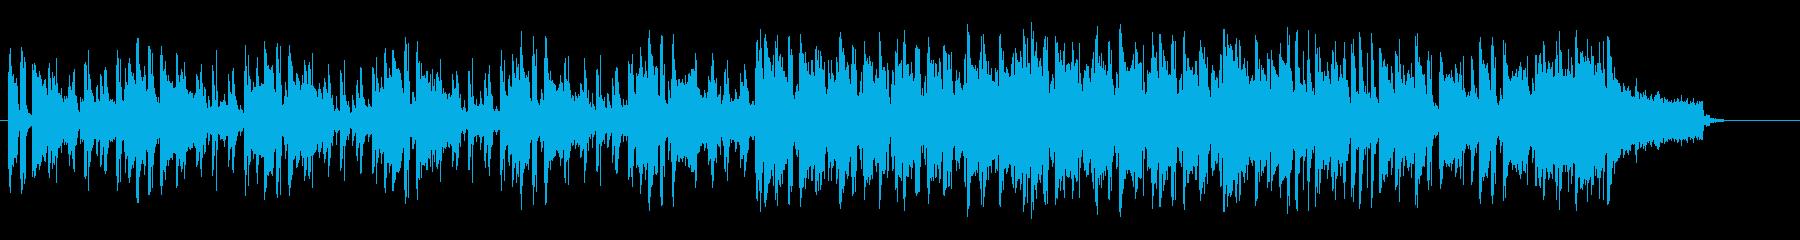 洗練されたシックなトワイライト・バラードの再生済みの波形